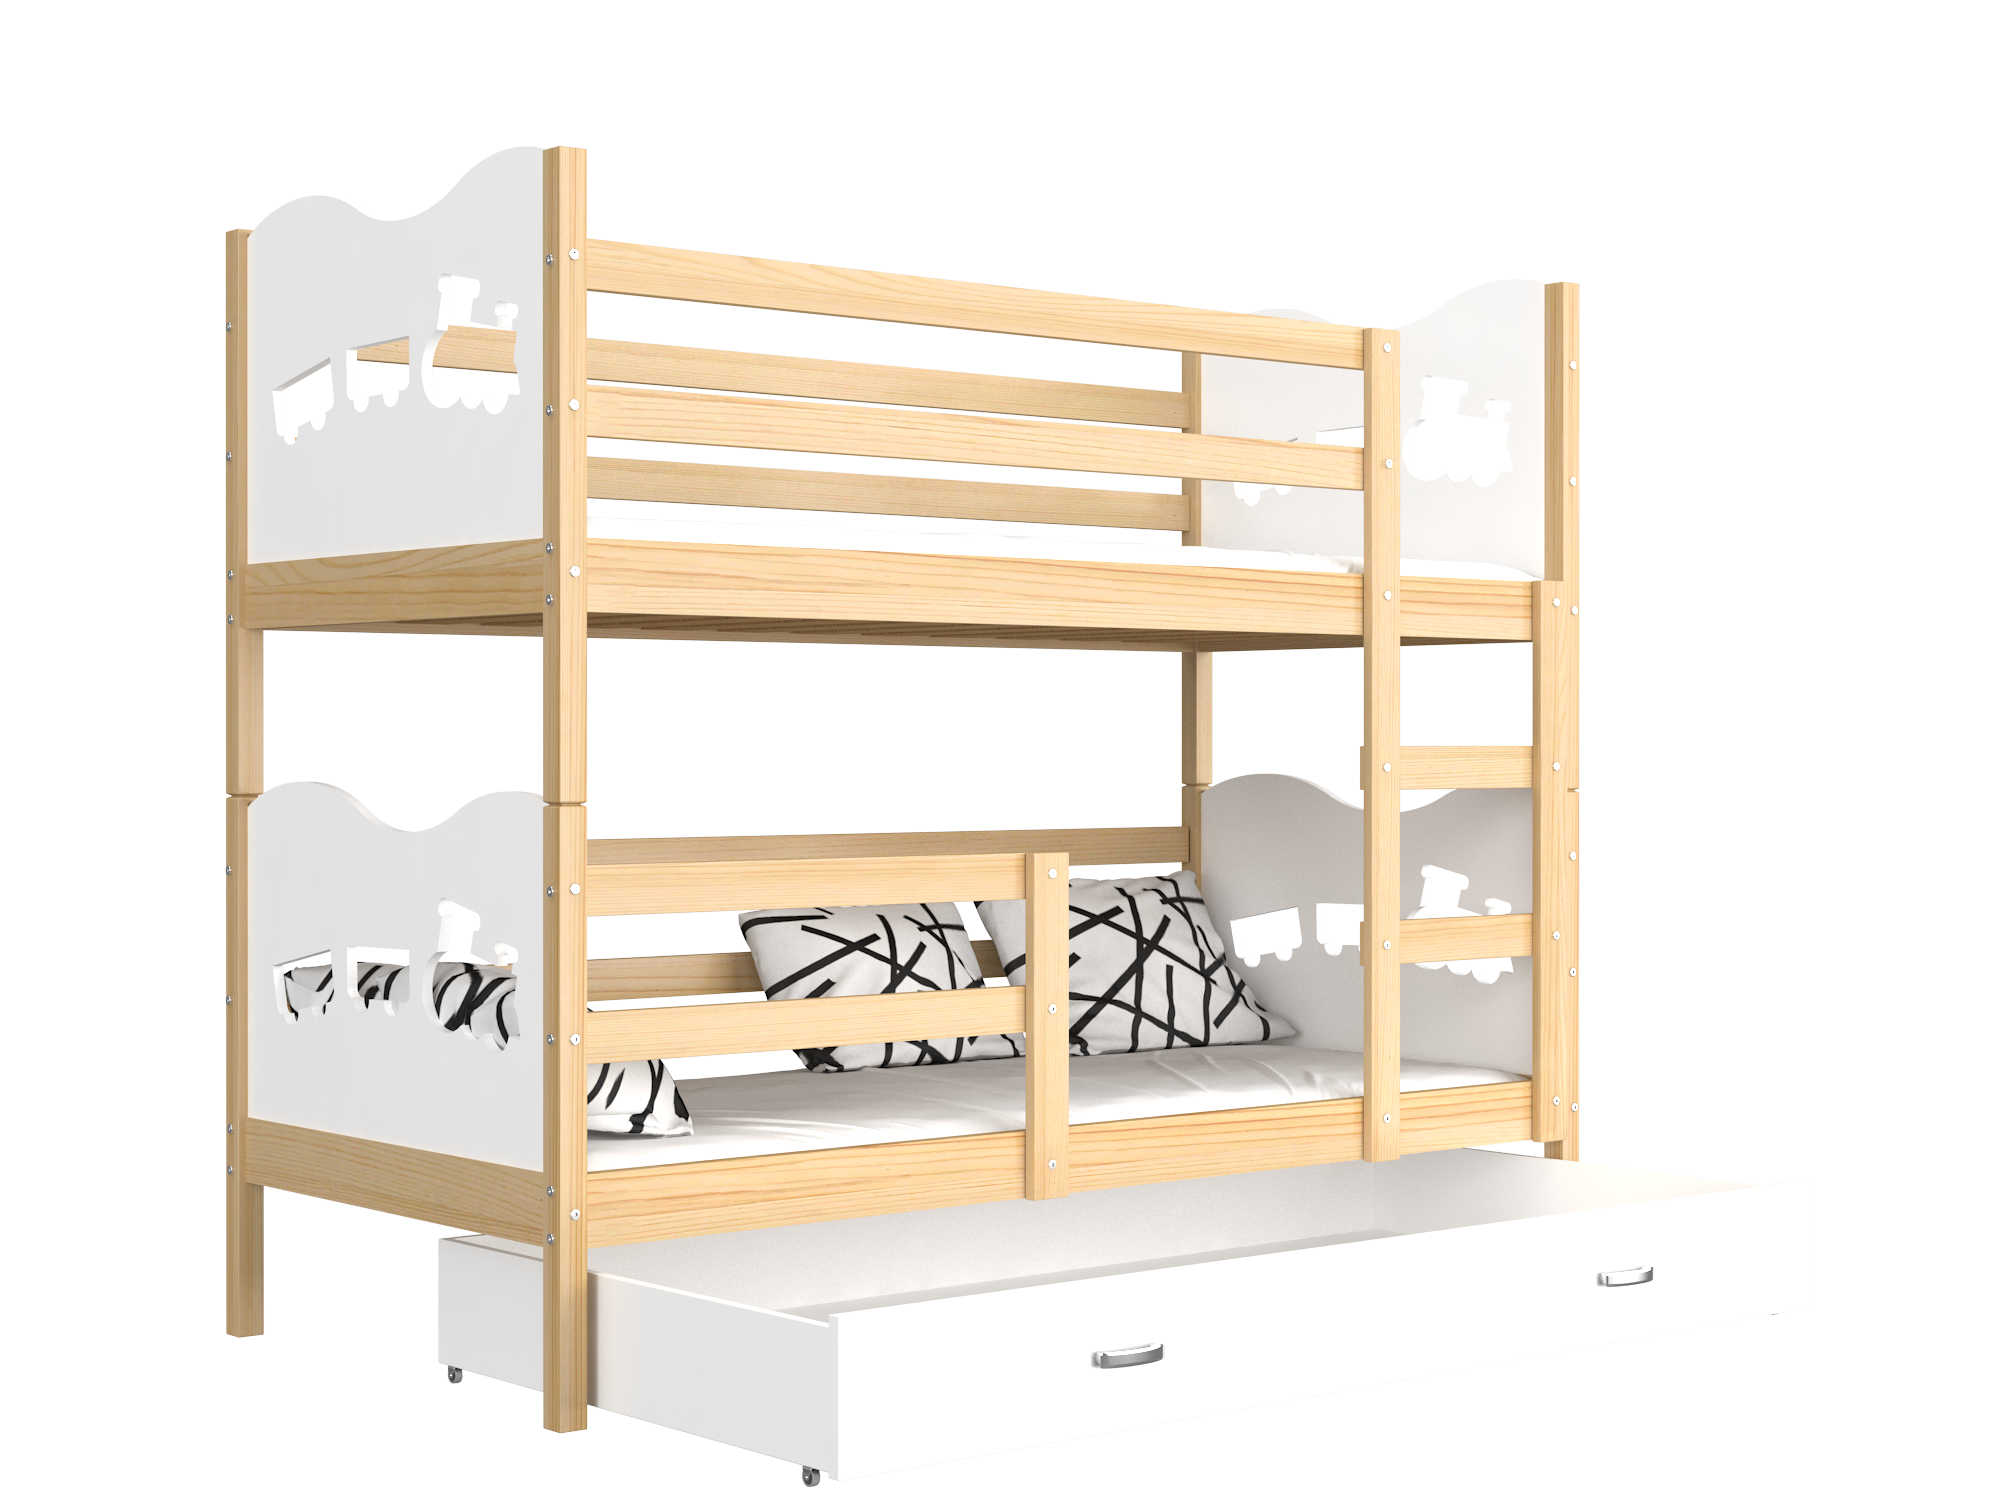 ArtAJ Detská poschodová posteľ MAX drevo / MDF 190 x 80 cm Farba: Borovica / biela 190 x 80 cm, s matracom